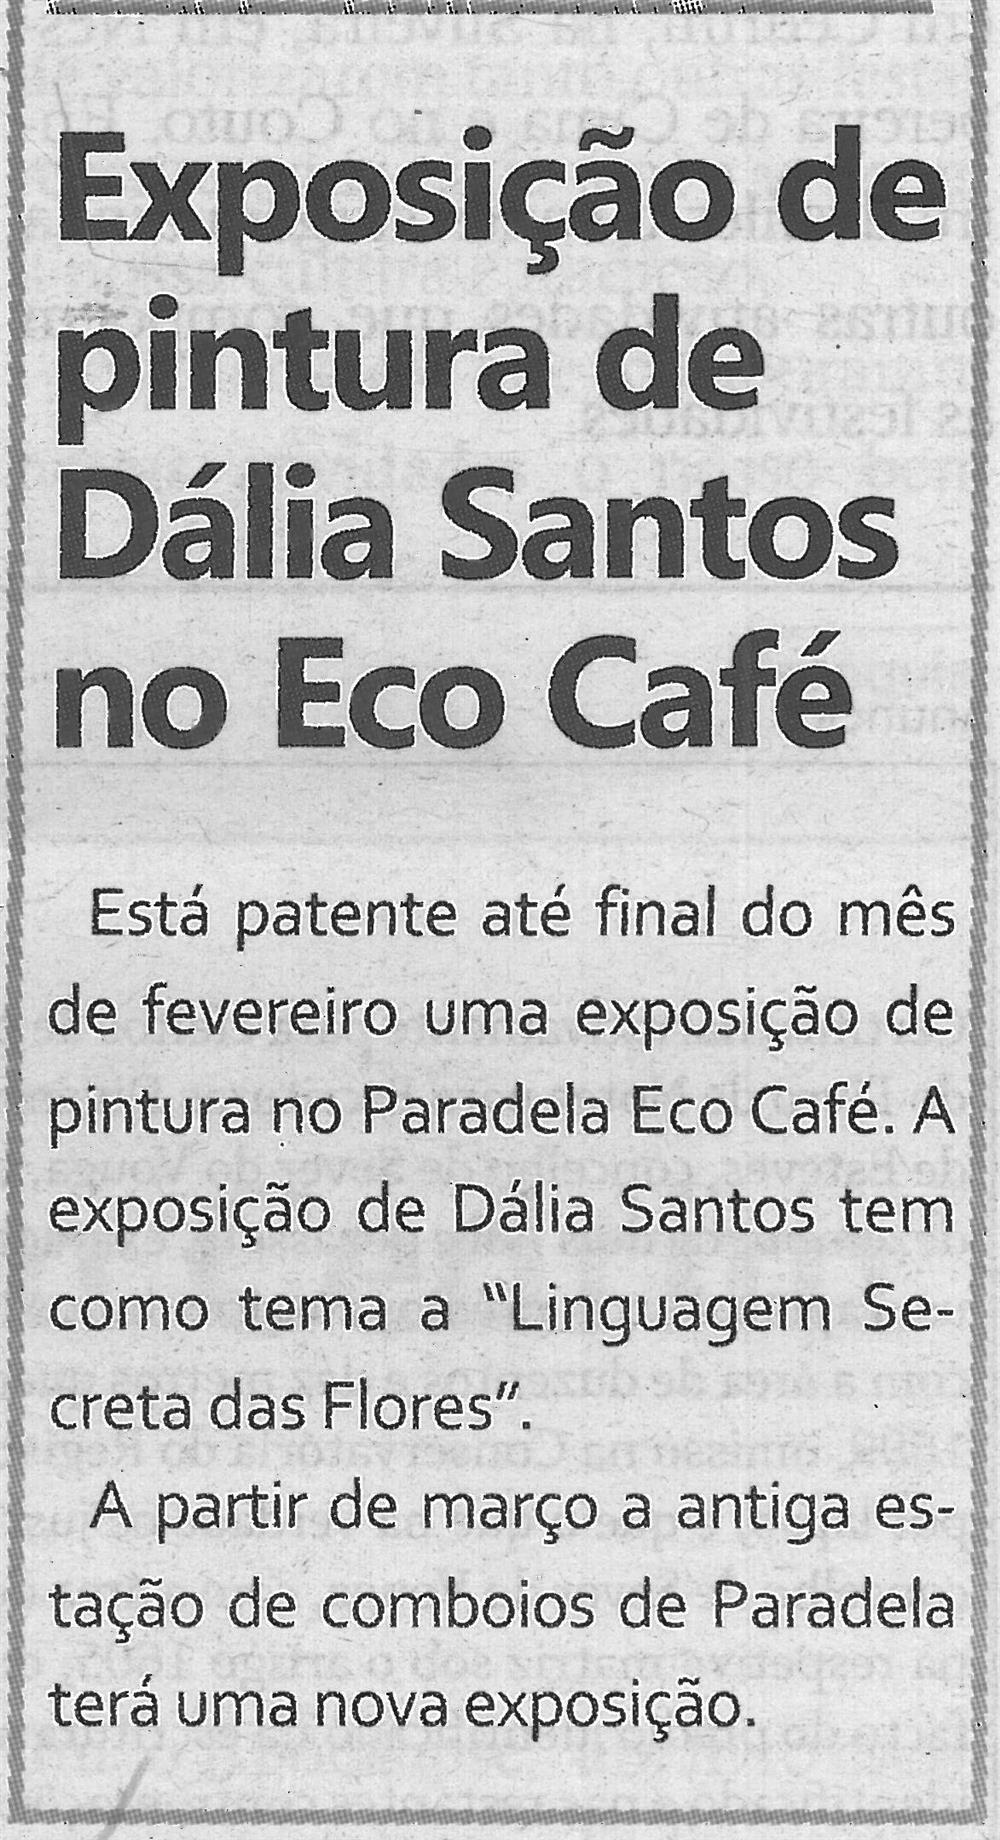 TV-fev.'18-p.5-Exposição de pintura de Dália Santos no Eco Café.jpg